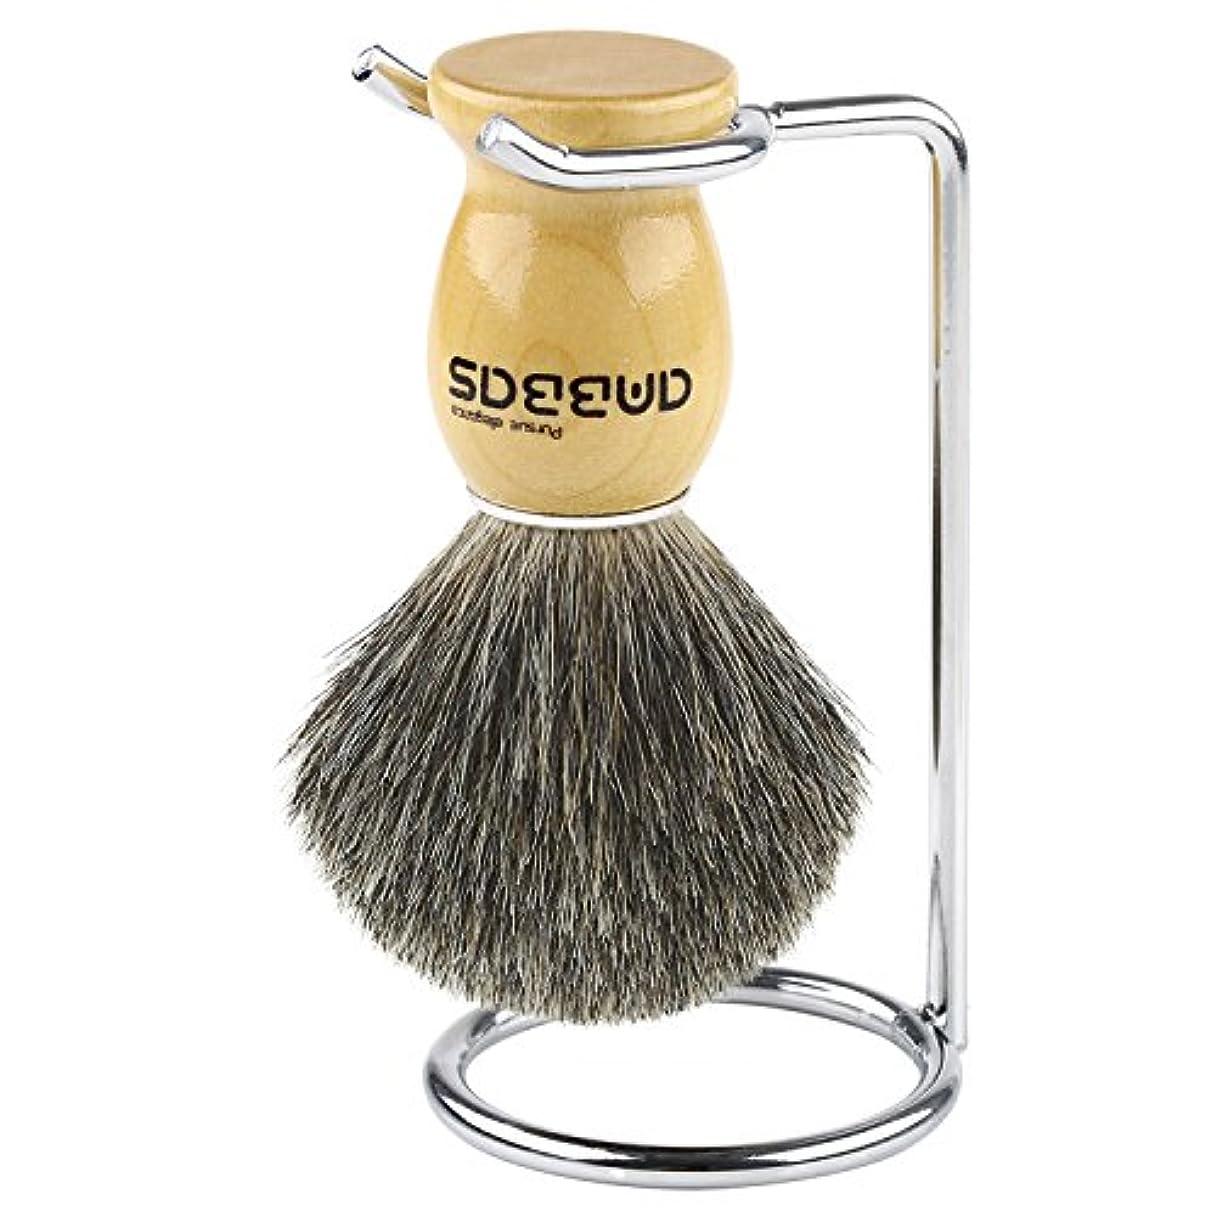 鉛ソーシャル争うAnbbas シェービングブラシセット アナグマ毛 ブラシ+スタンド 2点セット メンズ 髭剃り 泡立ち 洗顔ブラシ